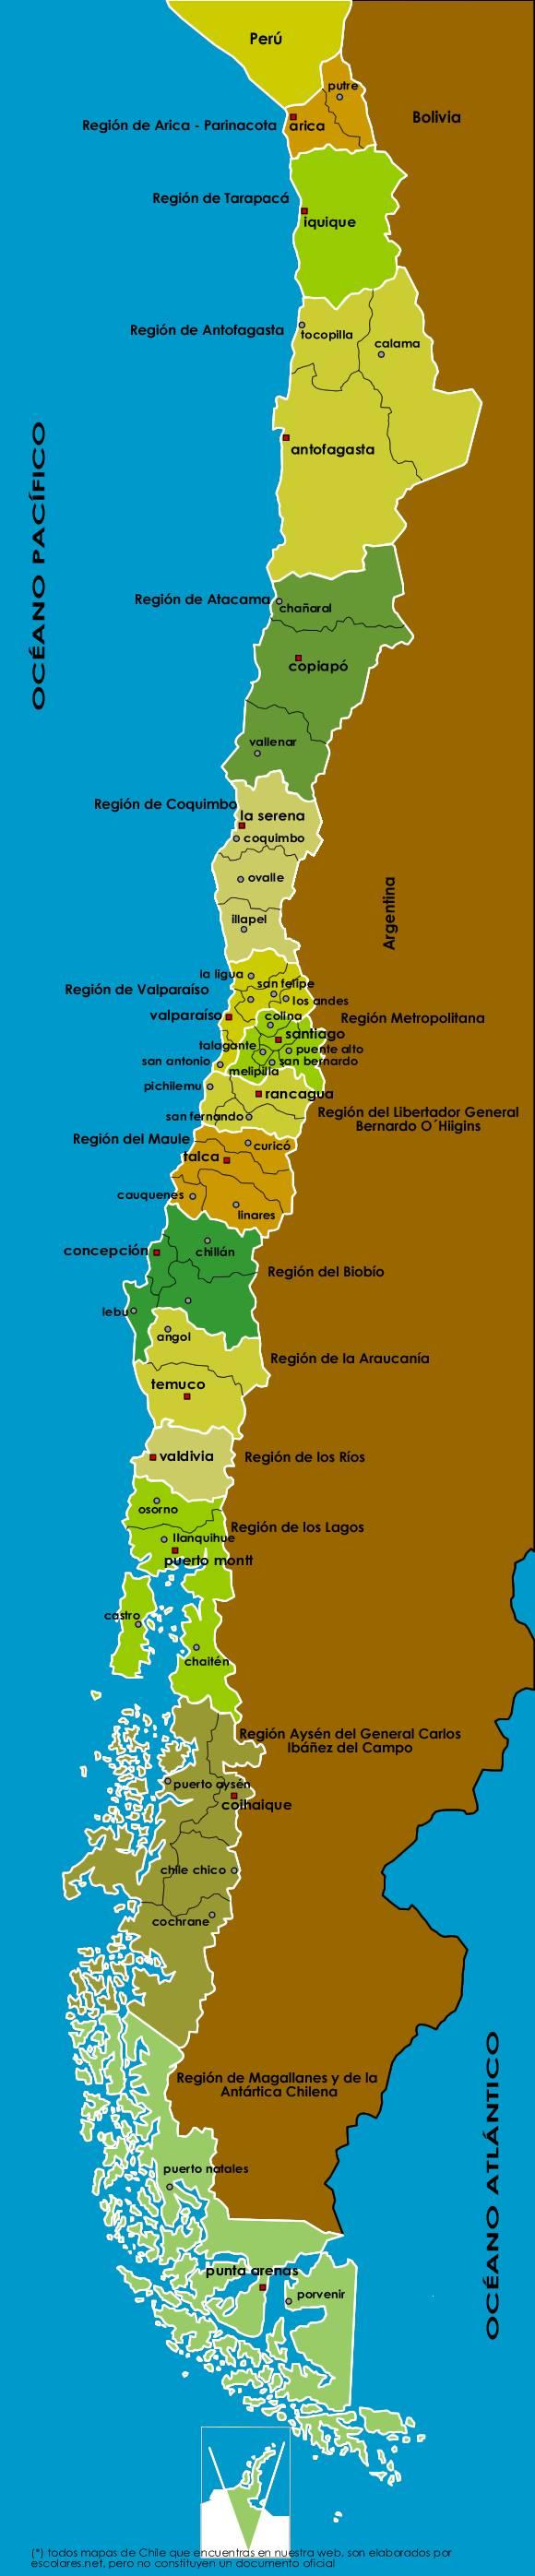 Mapa Político Administrativo de Chile con sus 15 Regiones